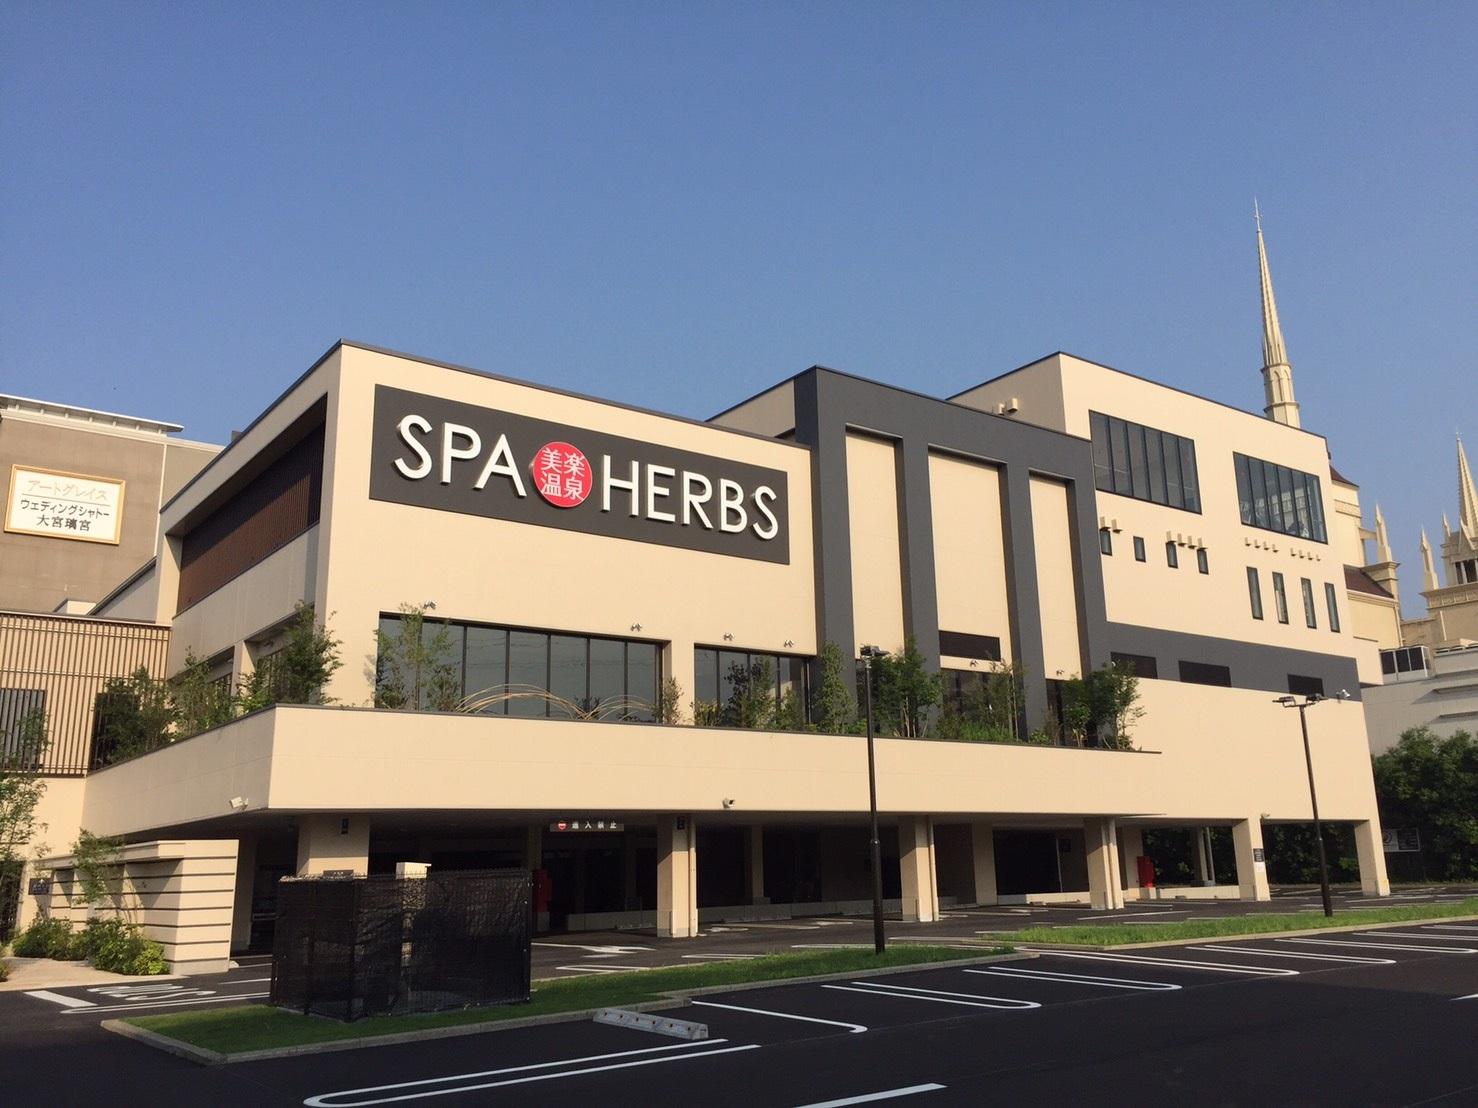 【わが街ナンバーワン】埼玉県中央エリアの「スーパー銭湯」_おすすめしたいスーパー銭湯No.1にSPA-HERSBが選ばれました